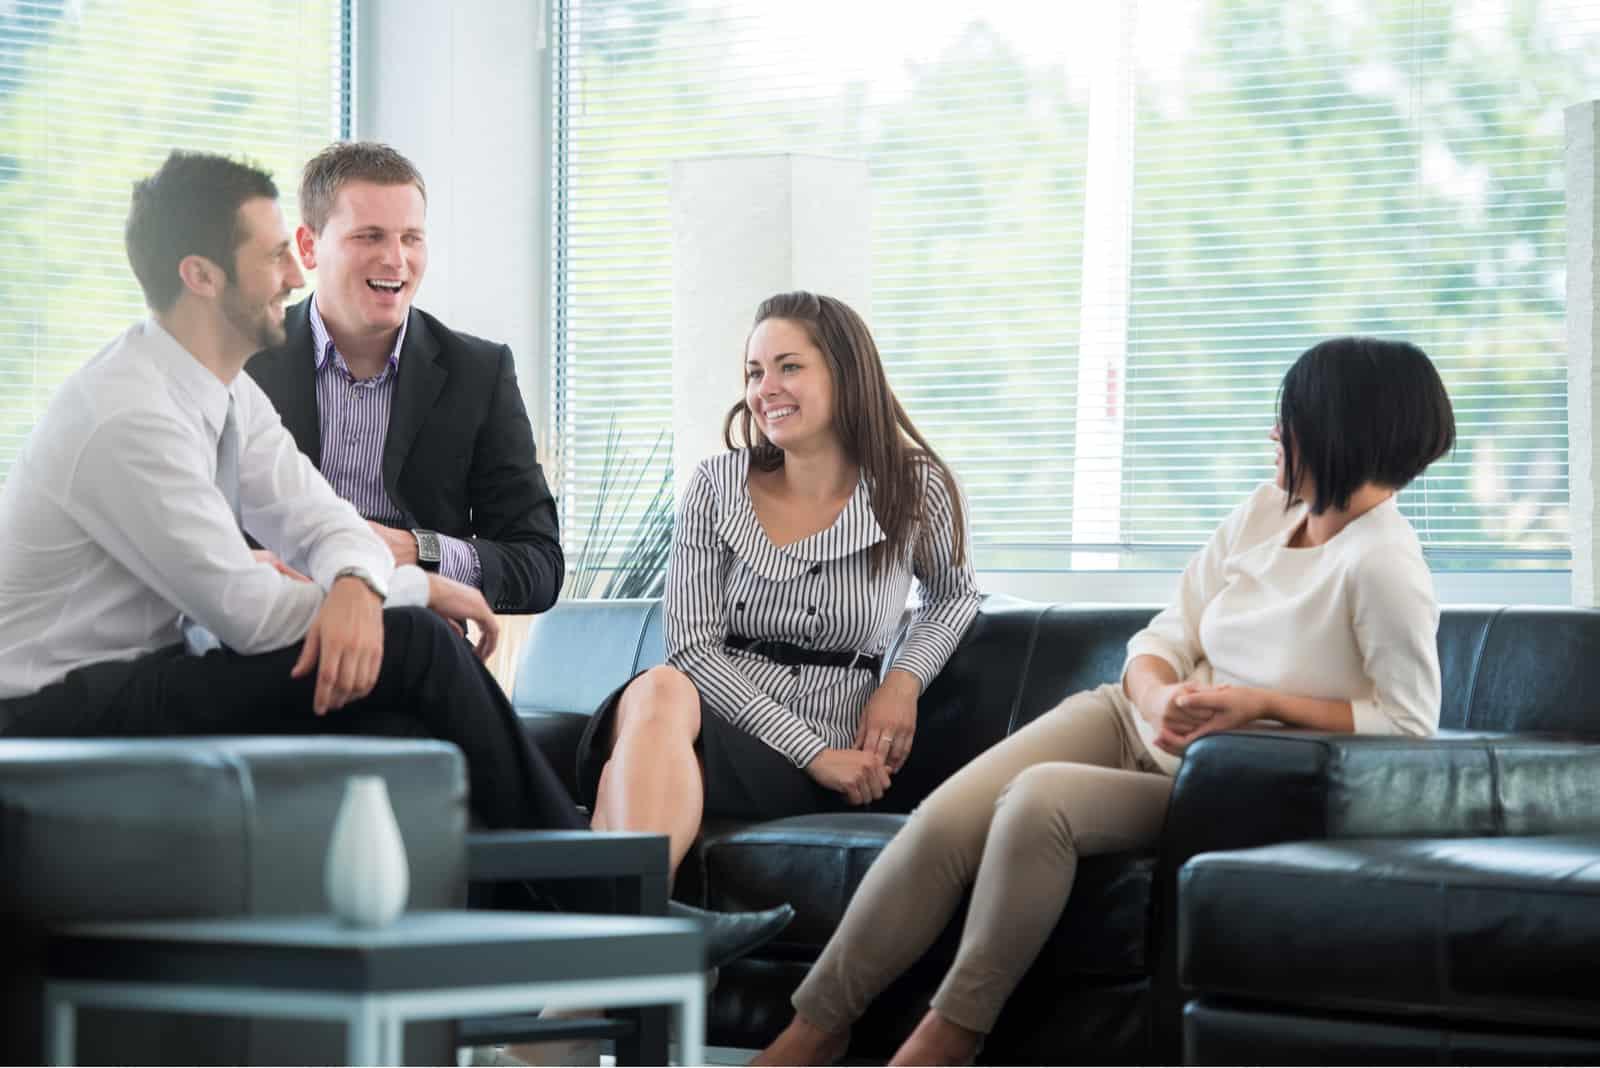 Freunde sitzen bei der Arbeit und reden